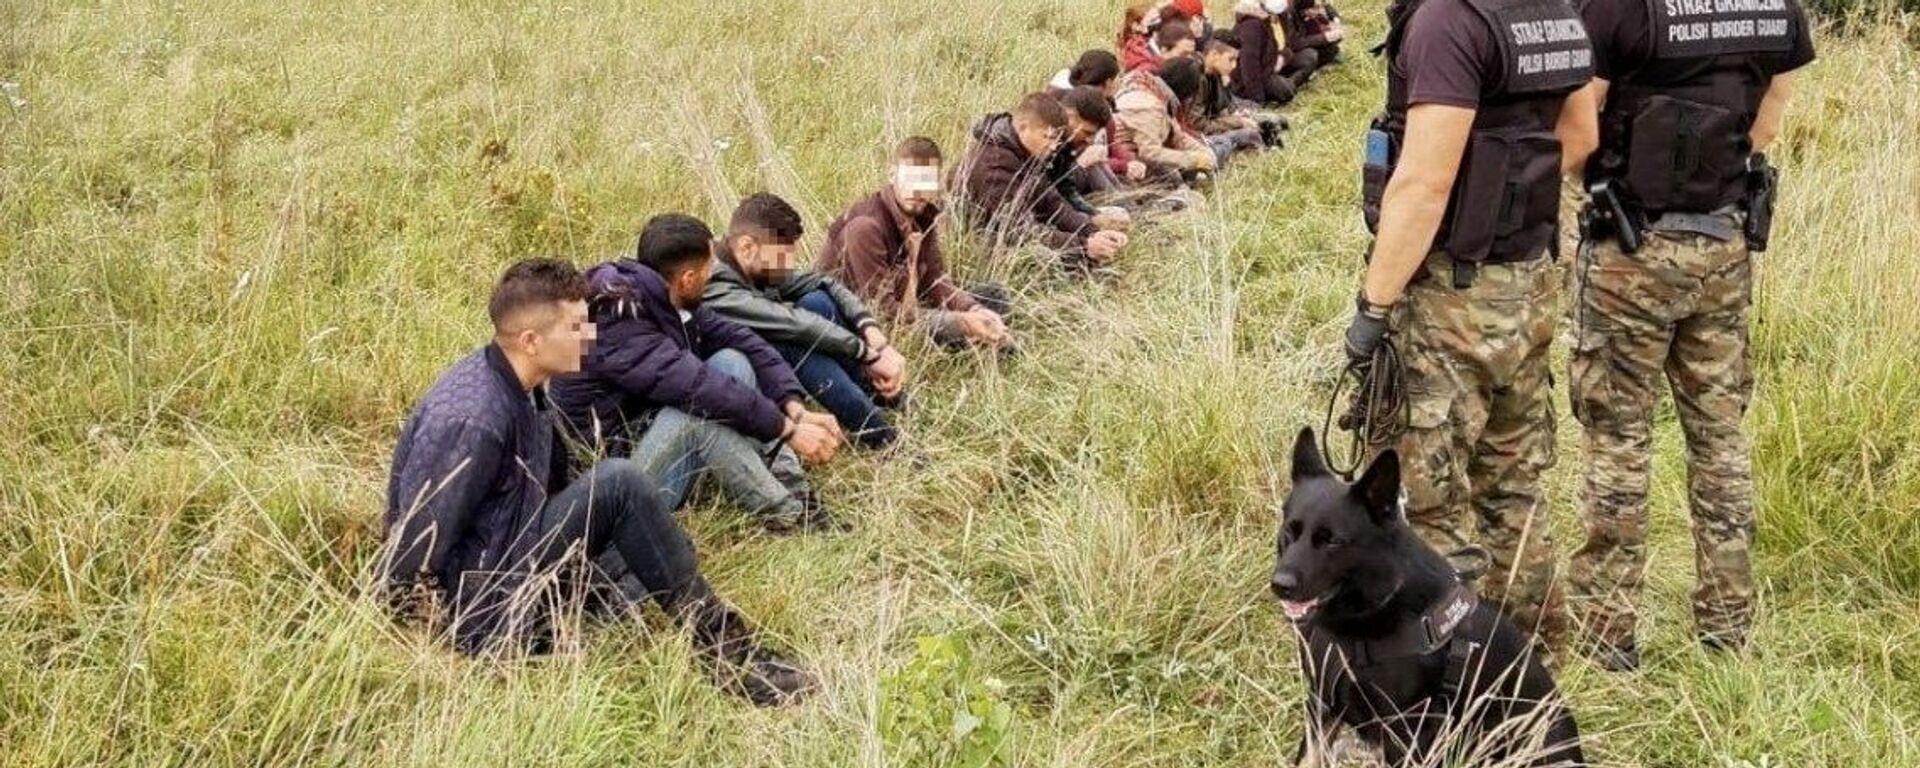 Polska Straż Graniczna i grupa migrantów przy granicy z Białorusią - Sputnik Polska, 1920, 23.08.2021